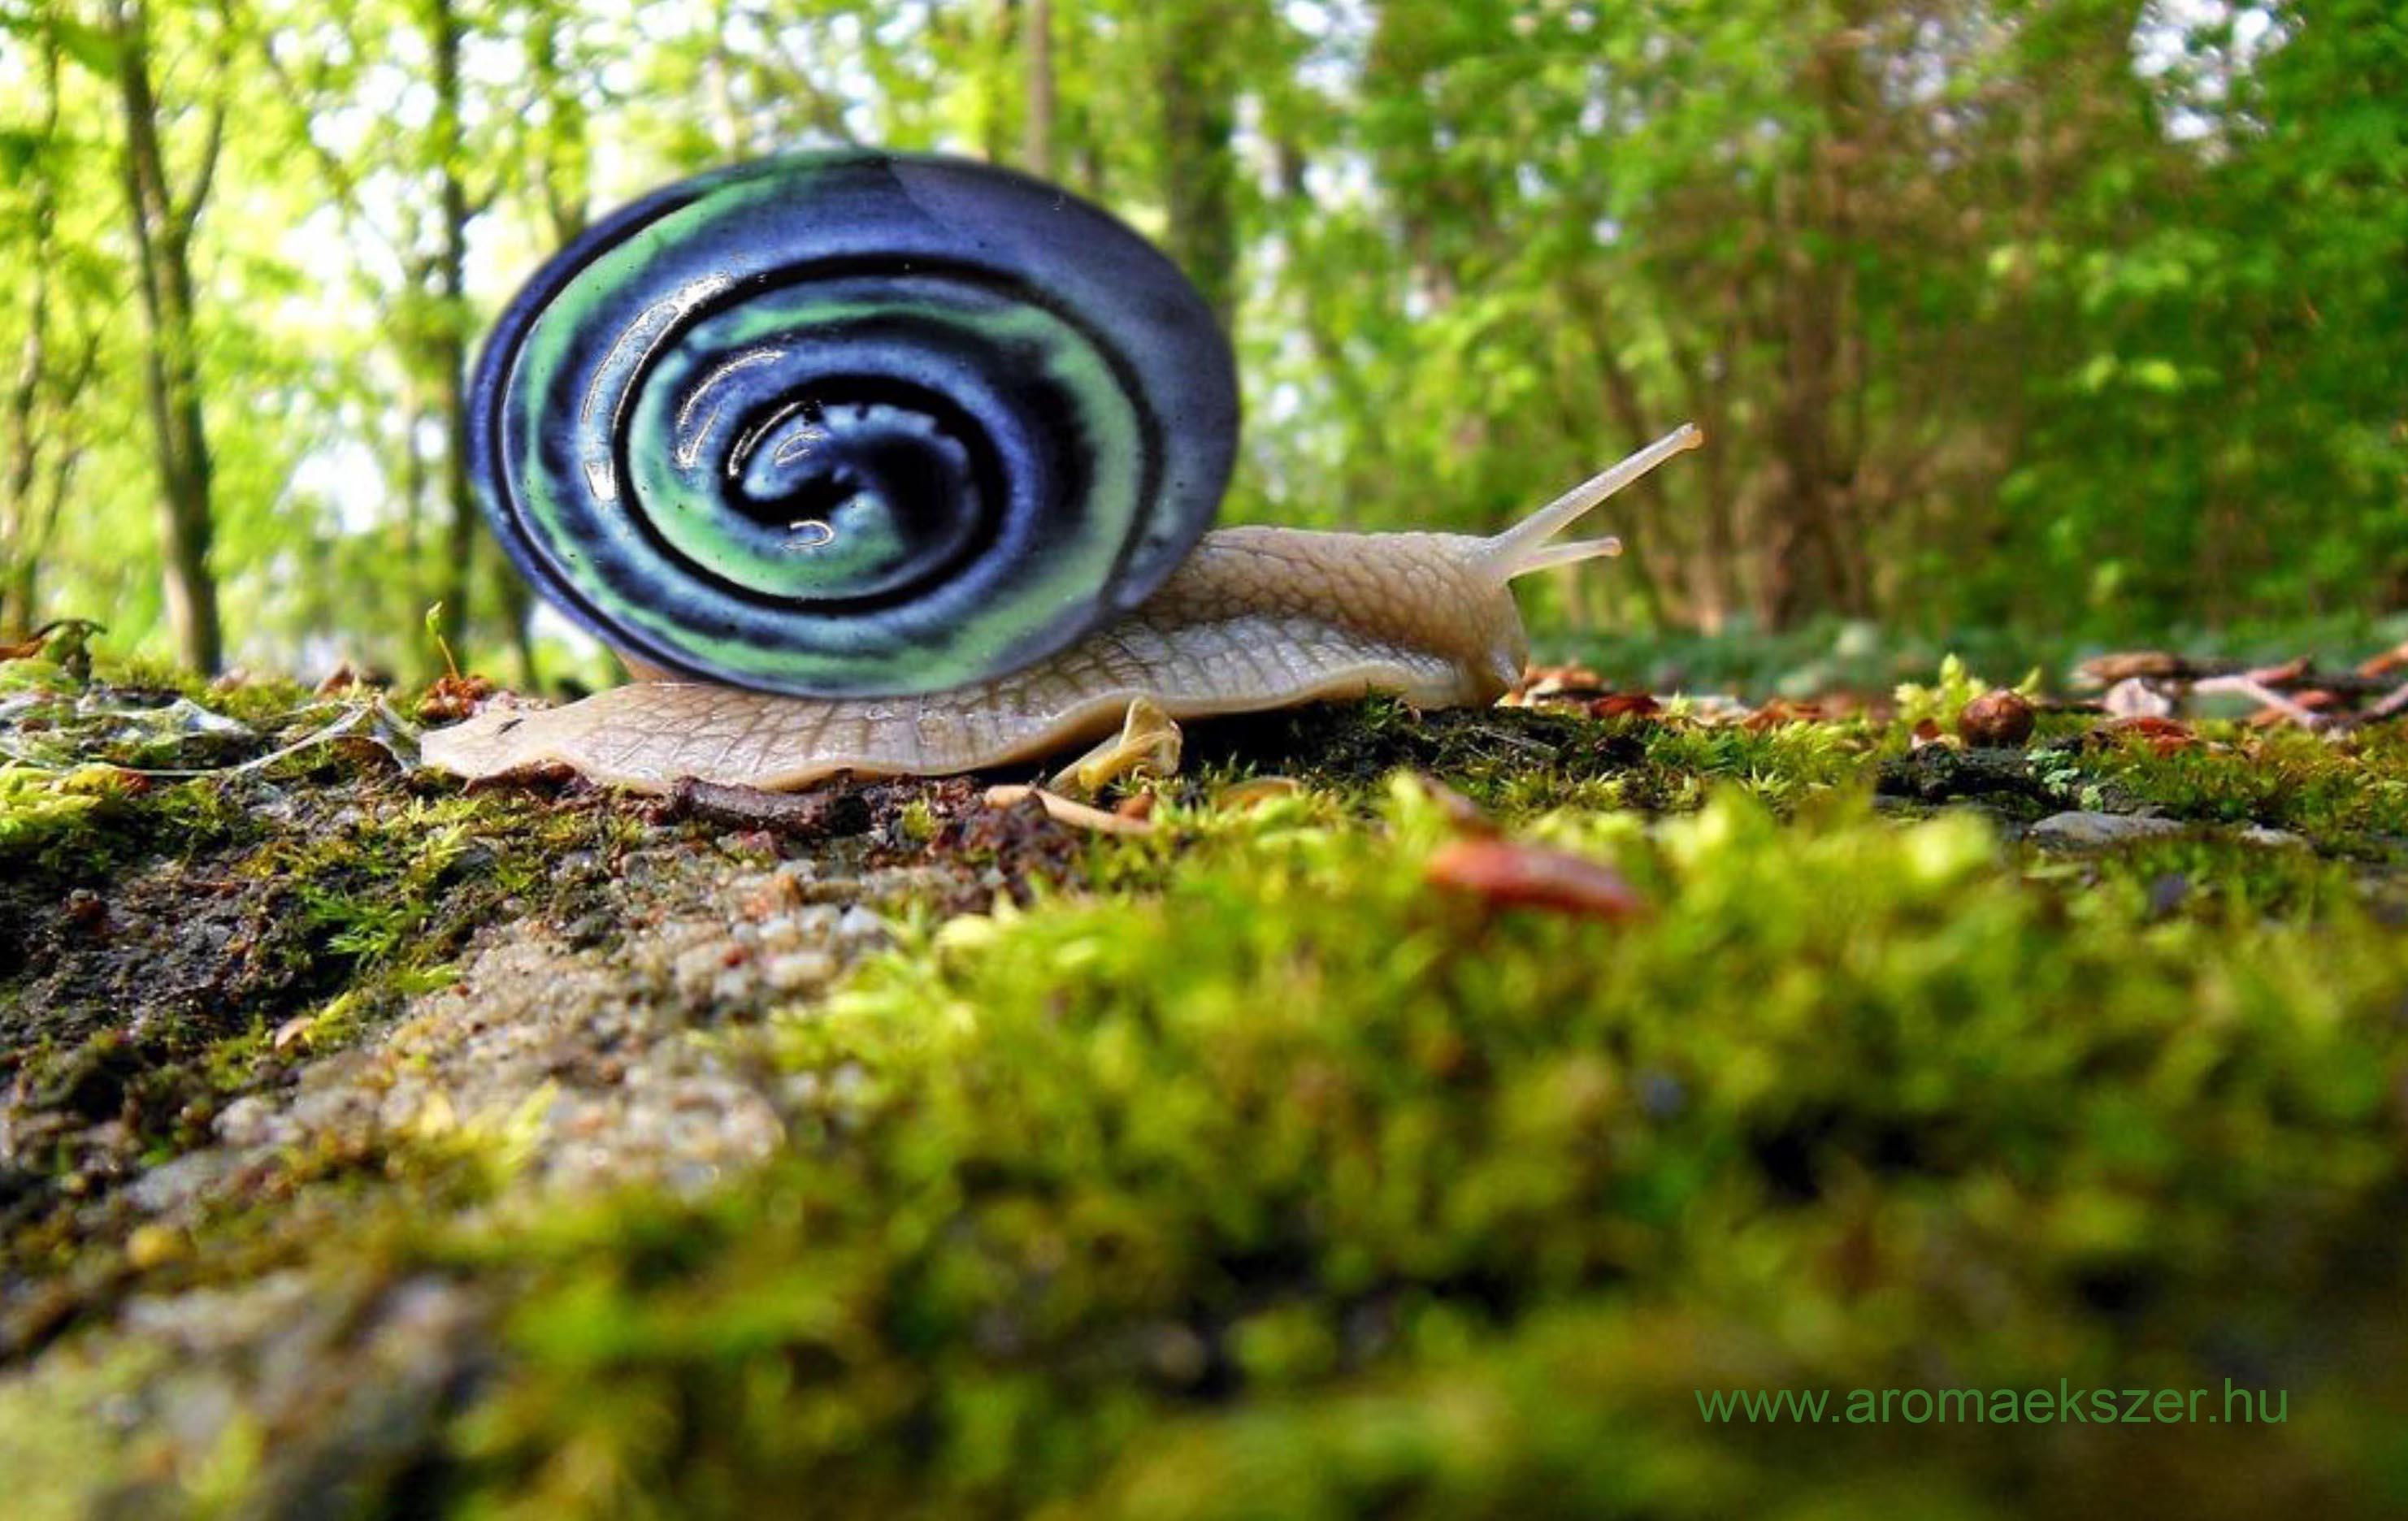 Különleges csiga - www.aromaekszer.hu